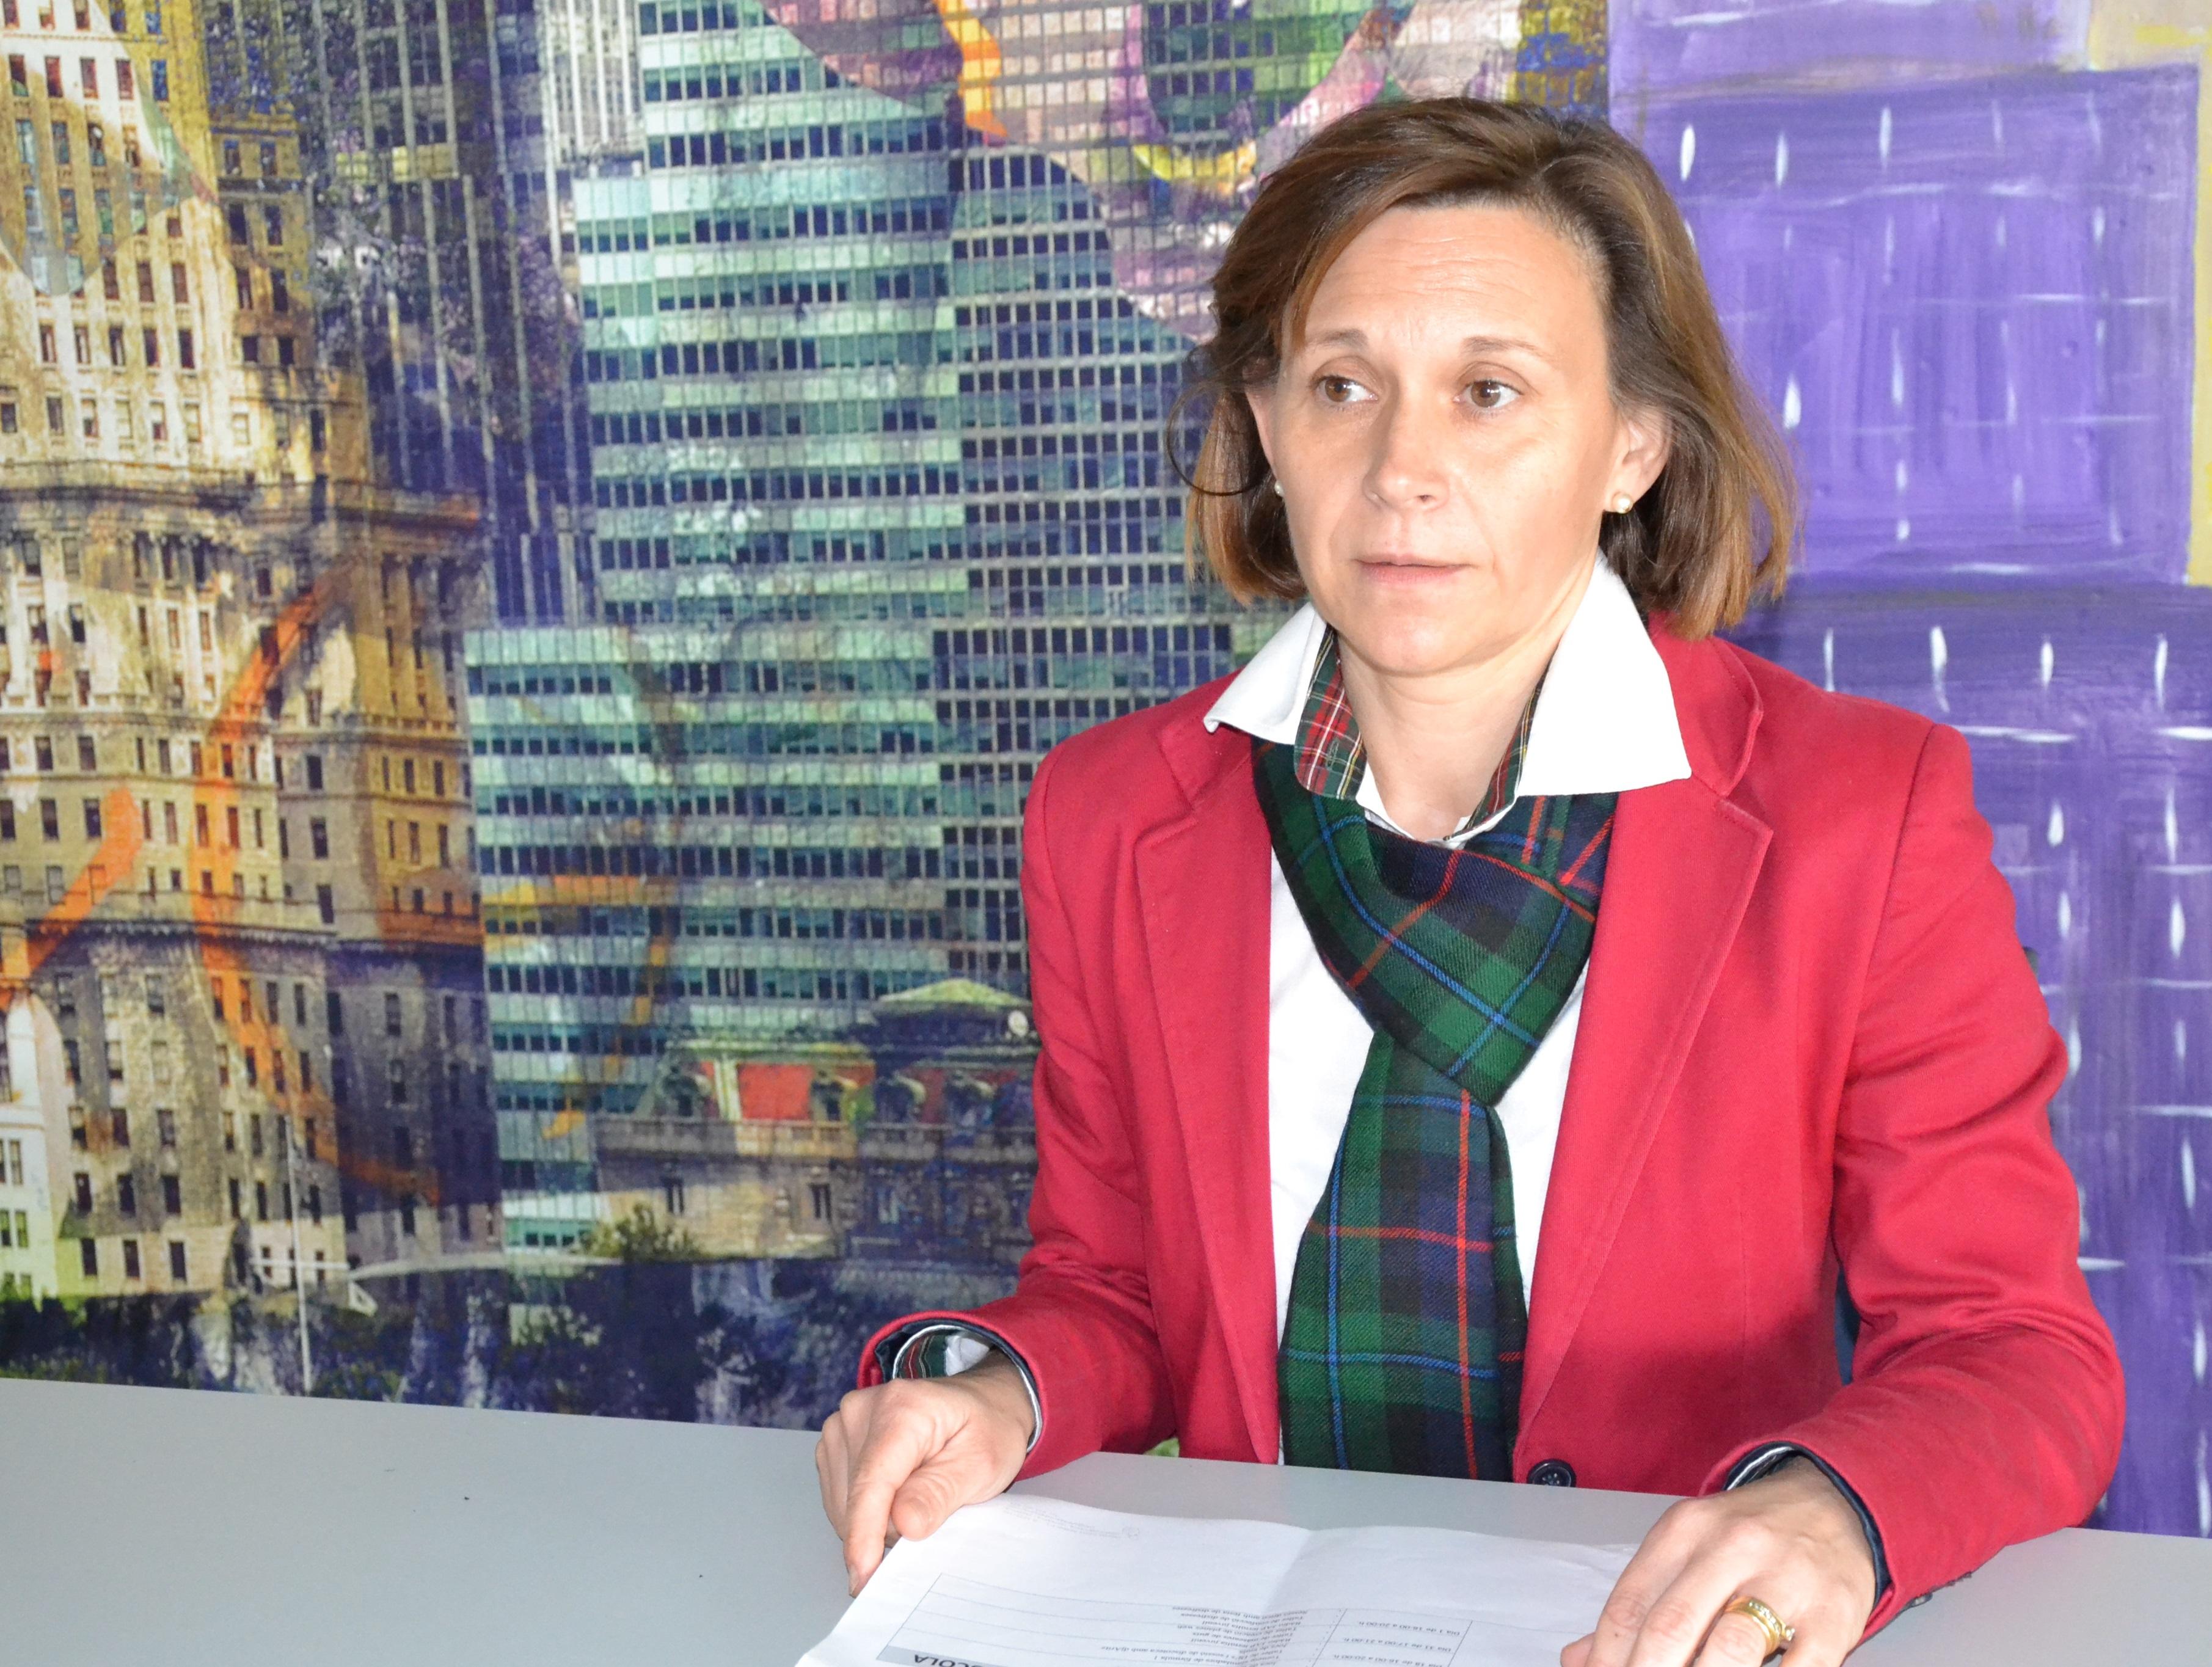 Peníscola, l'Ajuntament respon al PSPV remarcant que el col·legi del Jaime Sanz depèn de la Generalitat